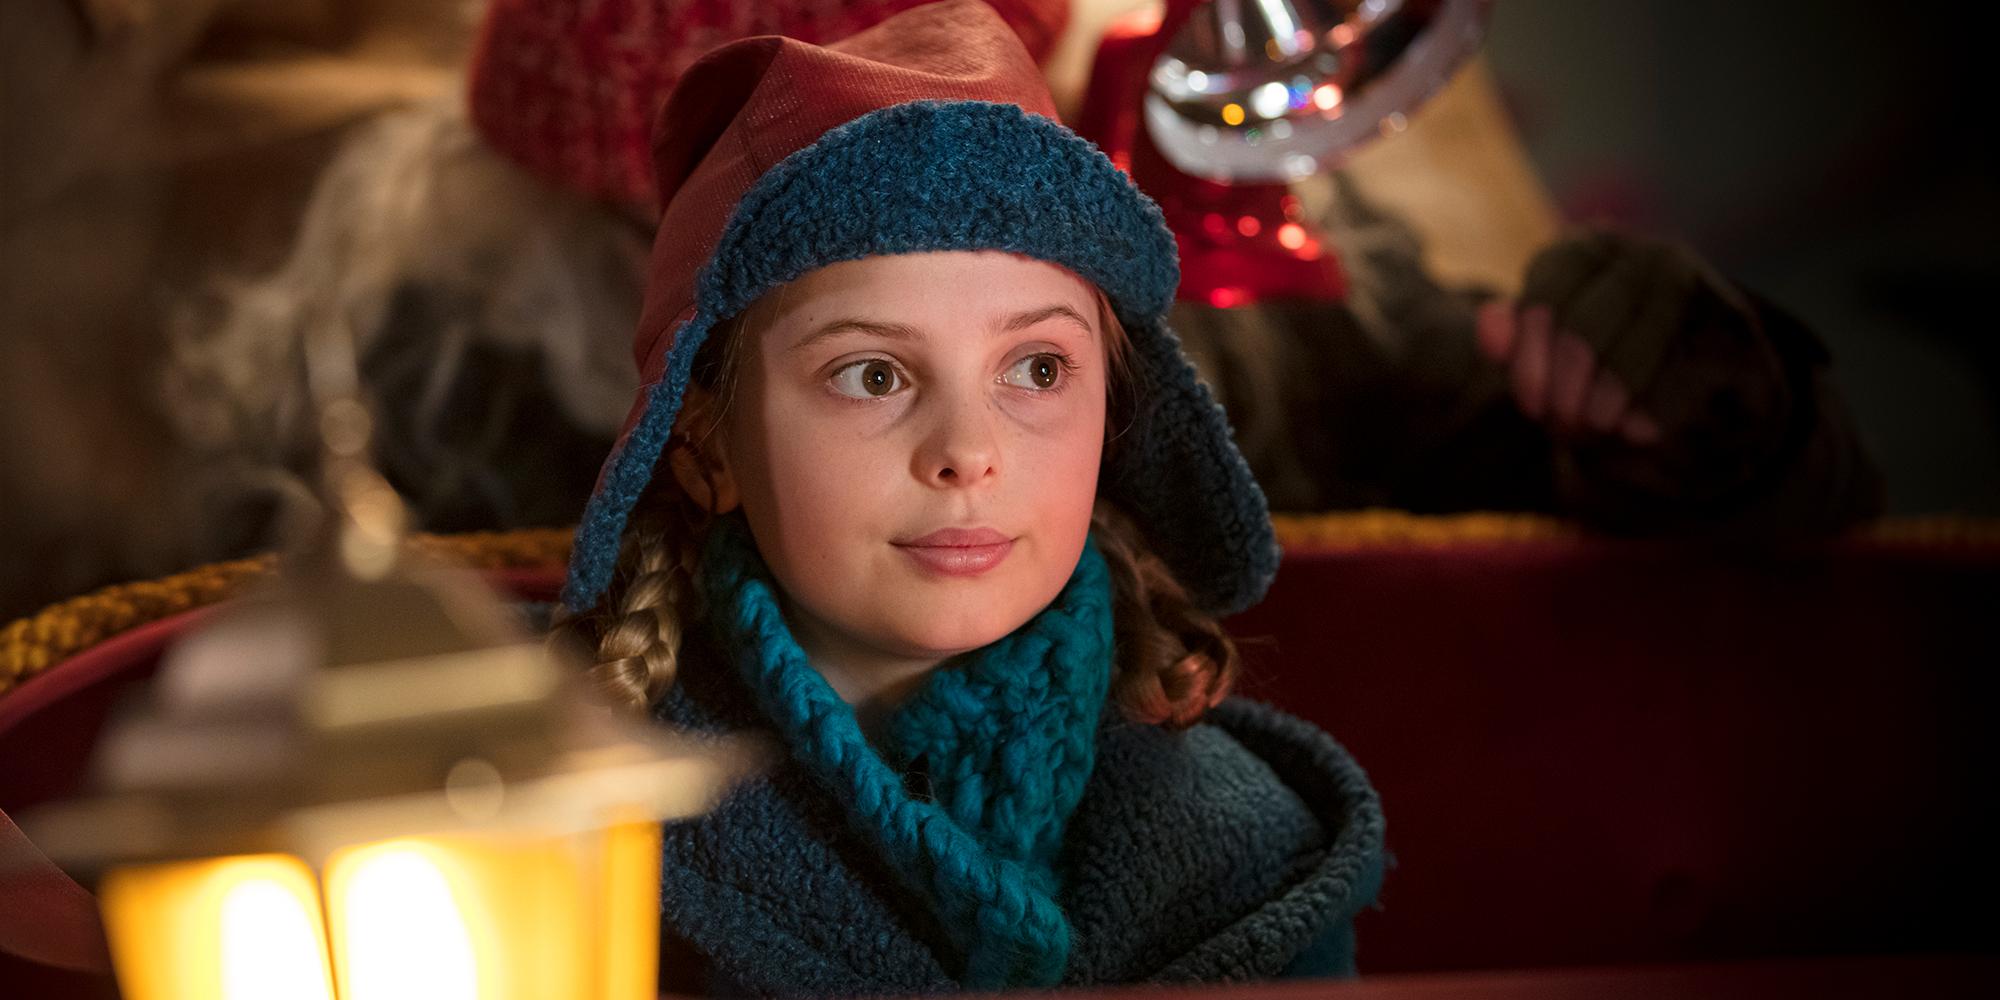 Julkalendern_Elisabeth